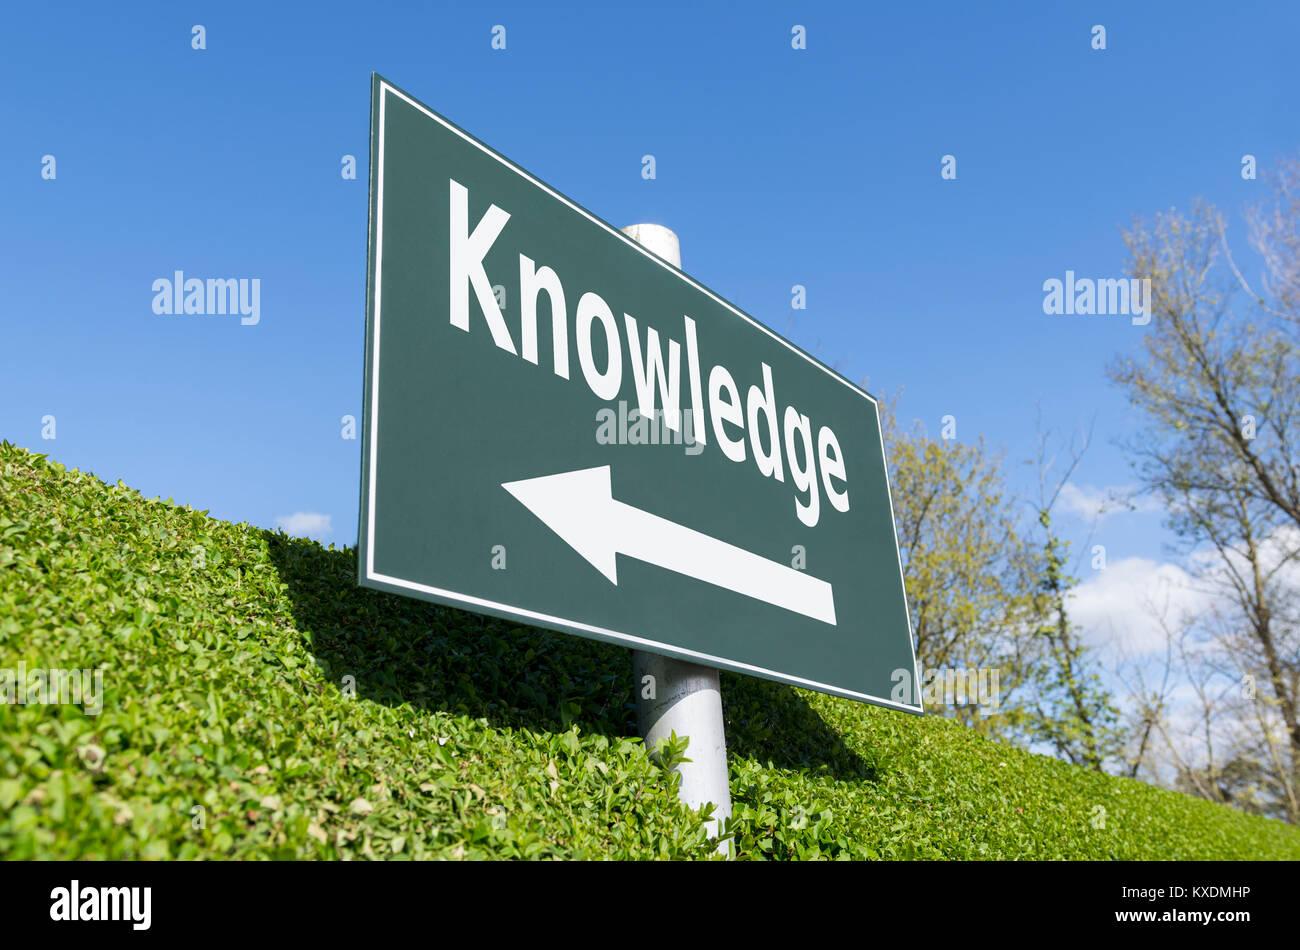 Concept de connaissances. Inscrivez-orientée en direction de la connaissance. Photo Stock